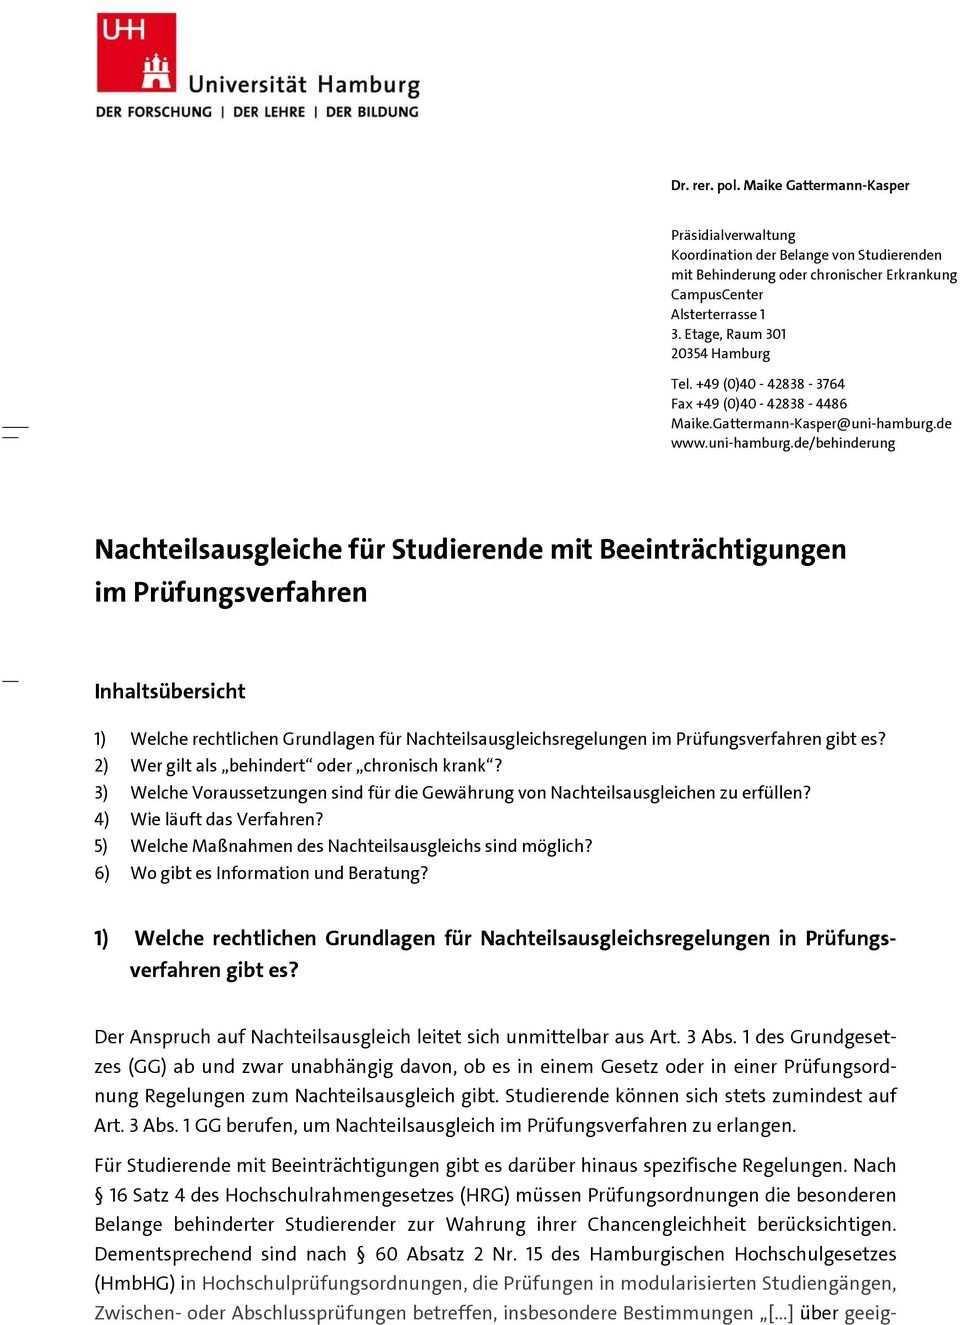 Nachteilsausgleiche Fur Studierende Mit Beeintrachtigungen Im Prufungsverfahren Pdf Free Download